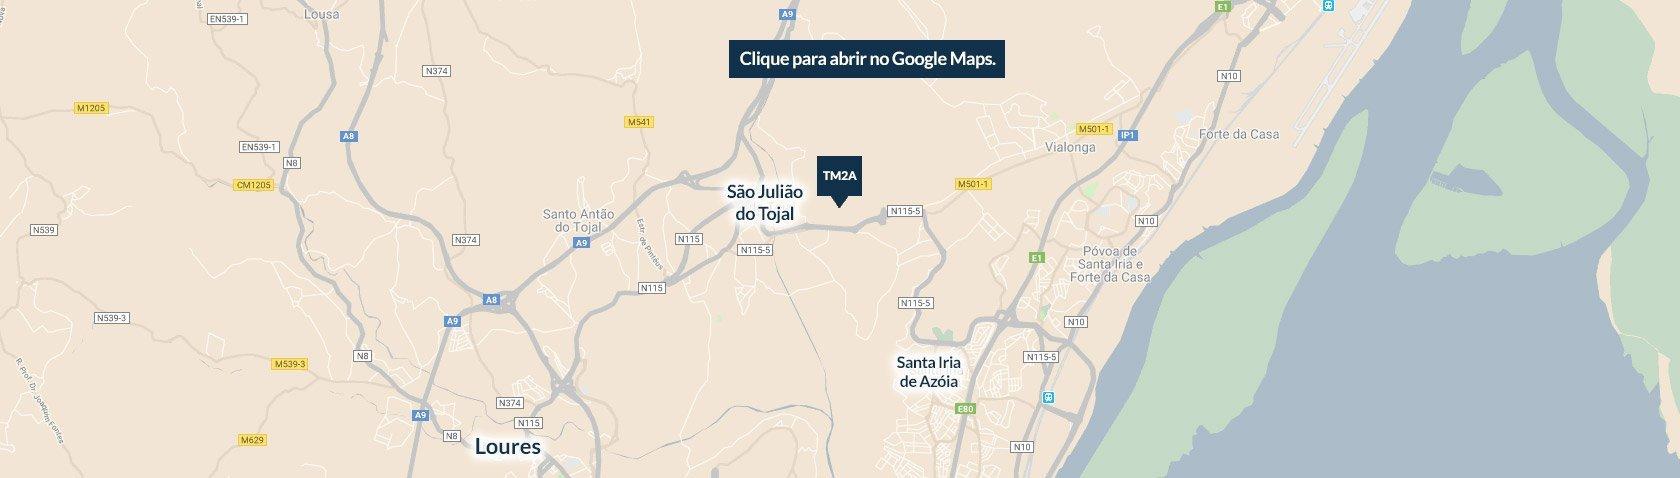 Mapa de Localização TM2A